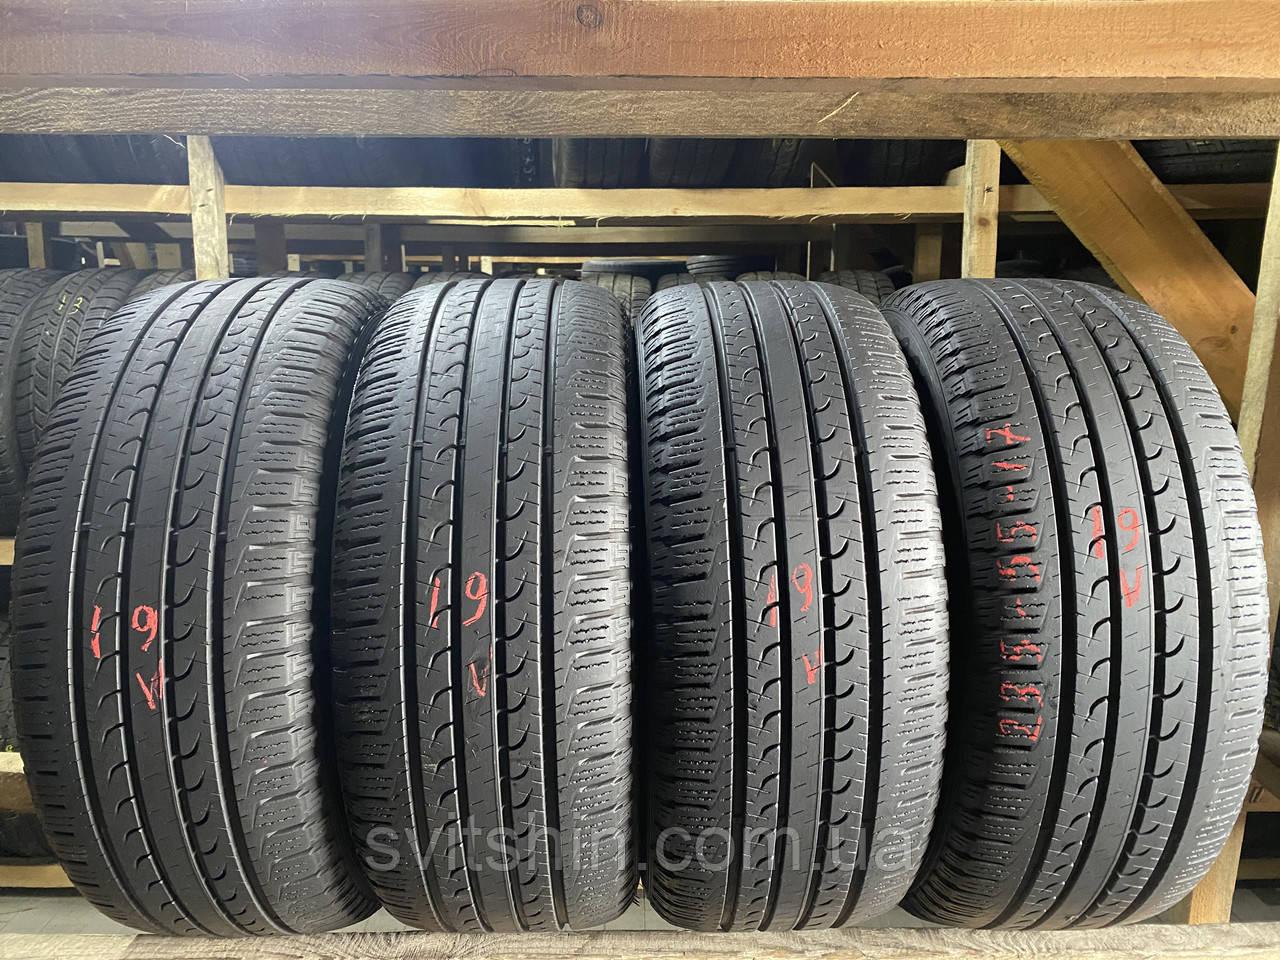 Літні шини 235/55R17 GoodYear Efficient Grip Рік 19 хороший стан